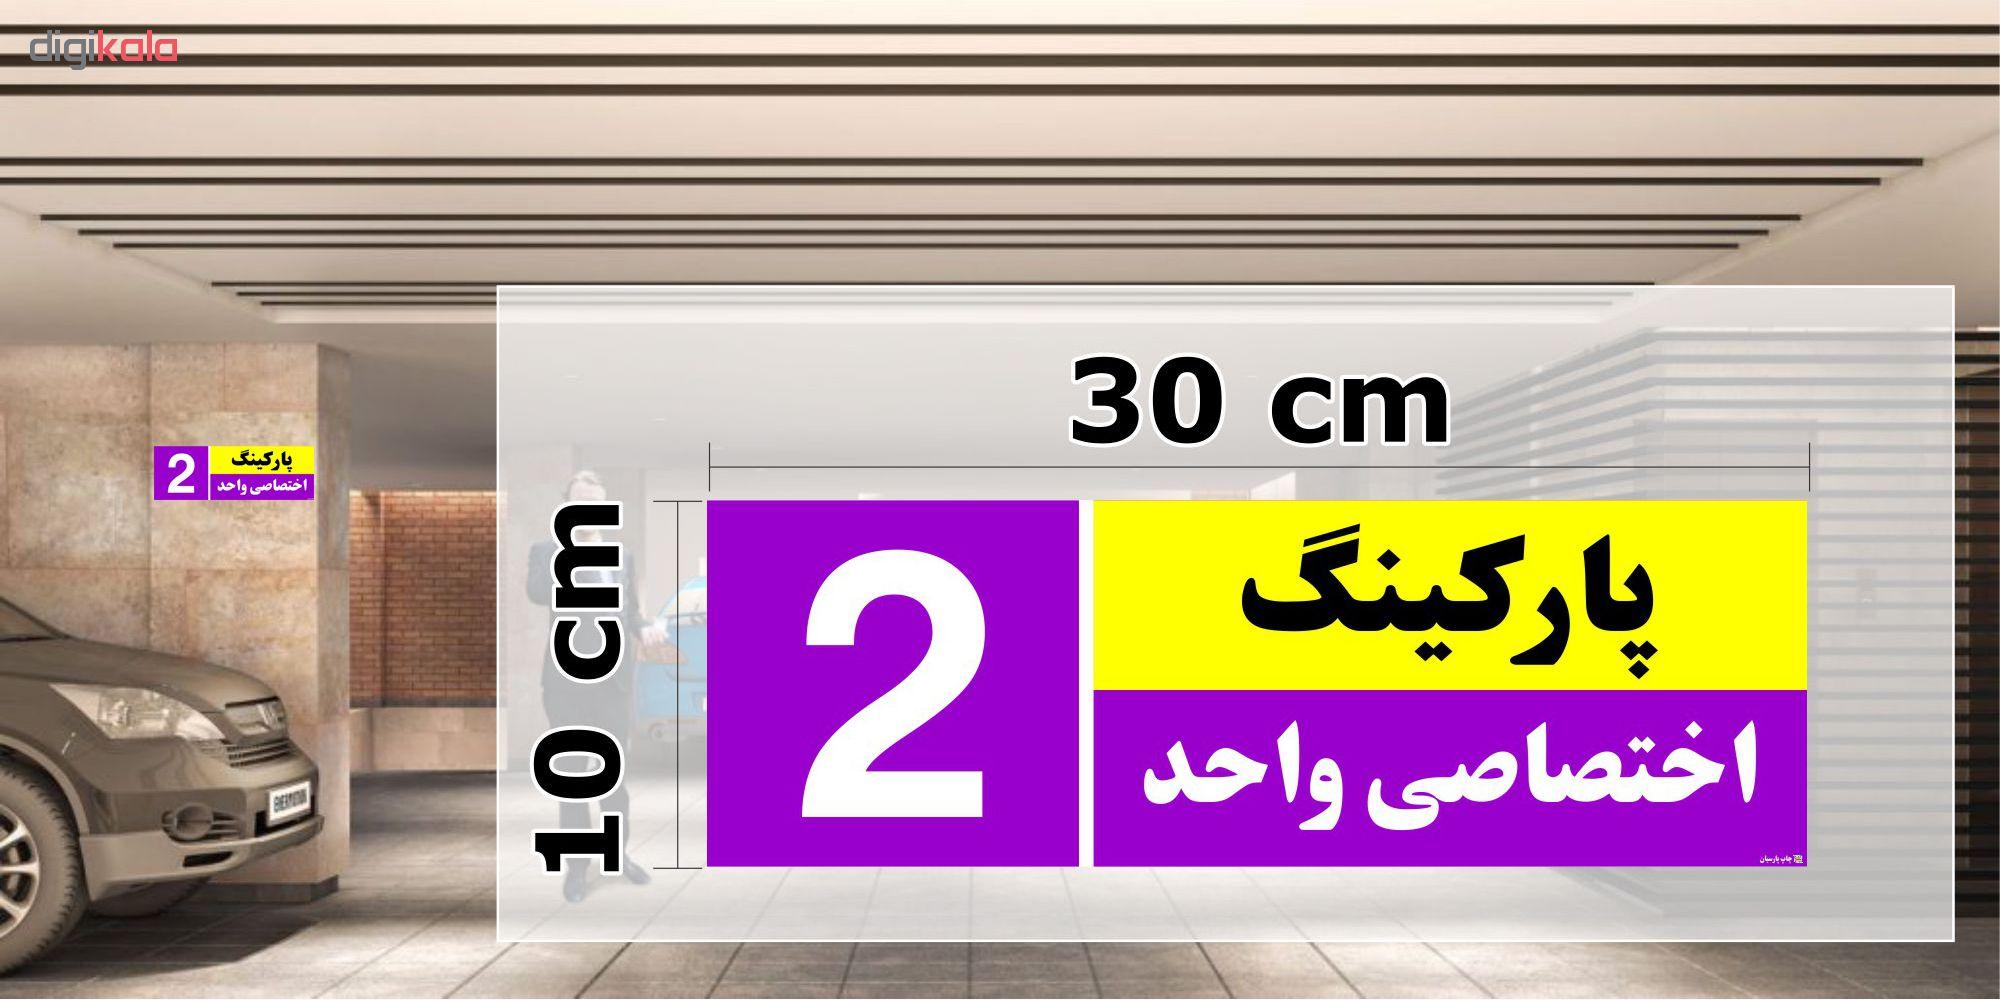 تابلو نشانگر چاپ پارسیان طرح شماره پارکینگ اختصاصی واحد 2